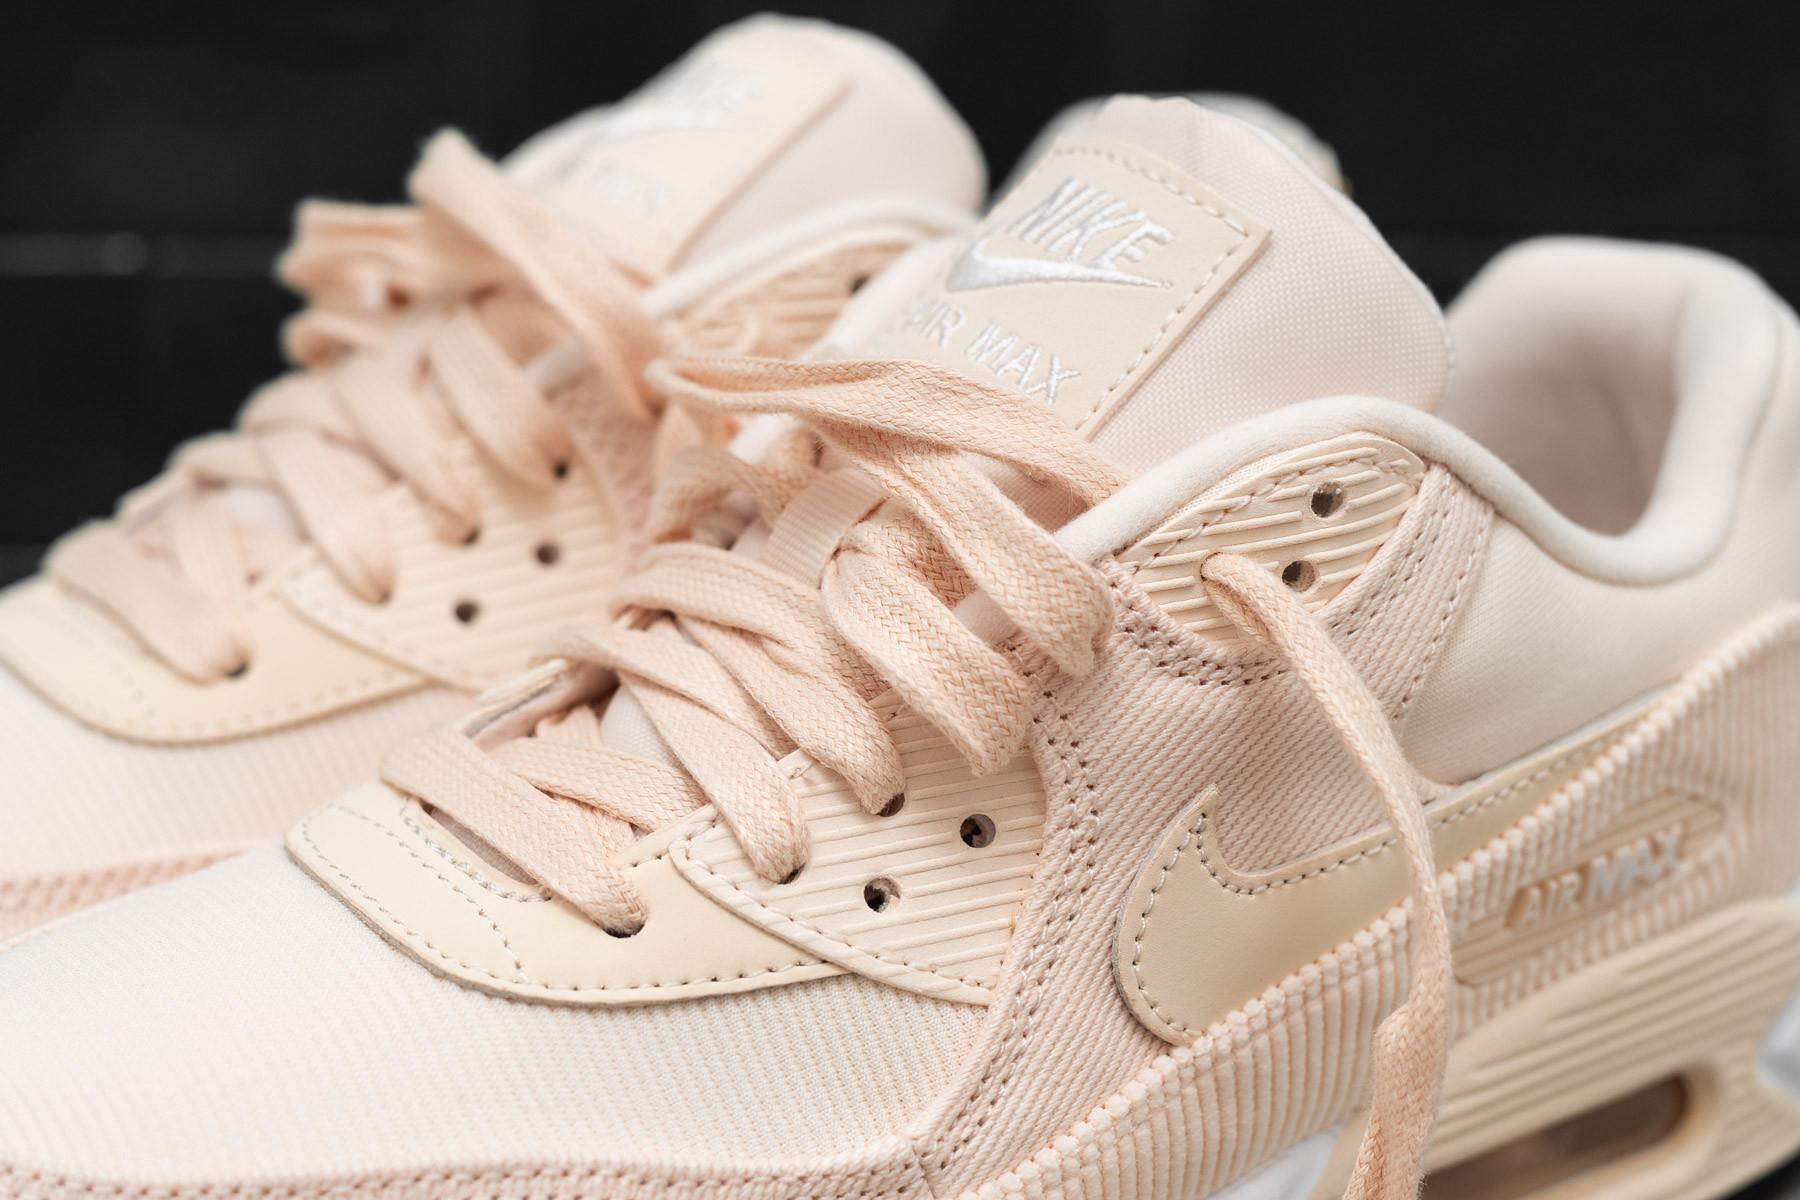 c80afa3cbde875 W Nike Air Max 90 LEA - Low-top - Sneakers - Sneaker.no